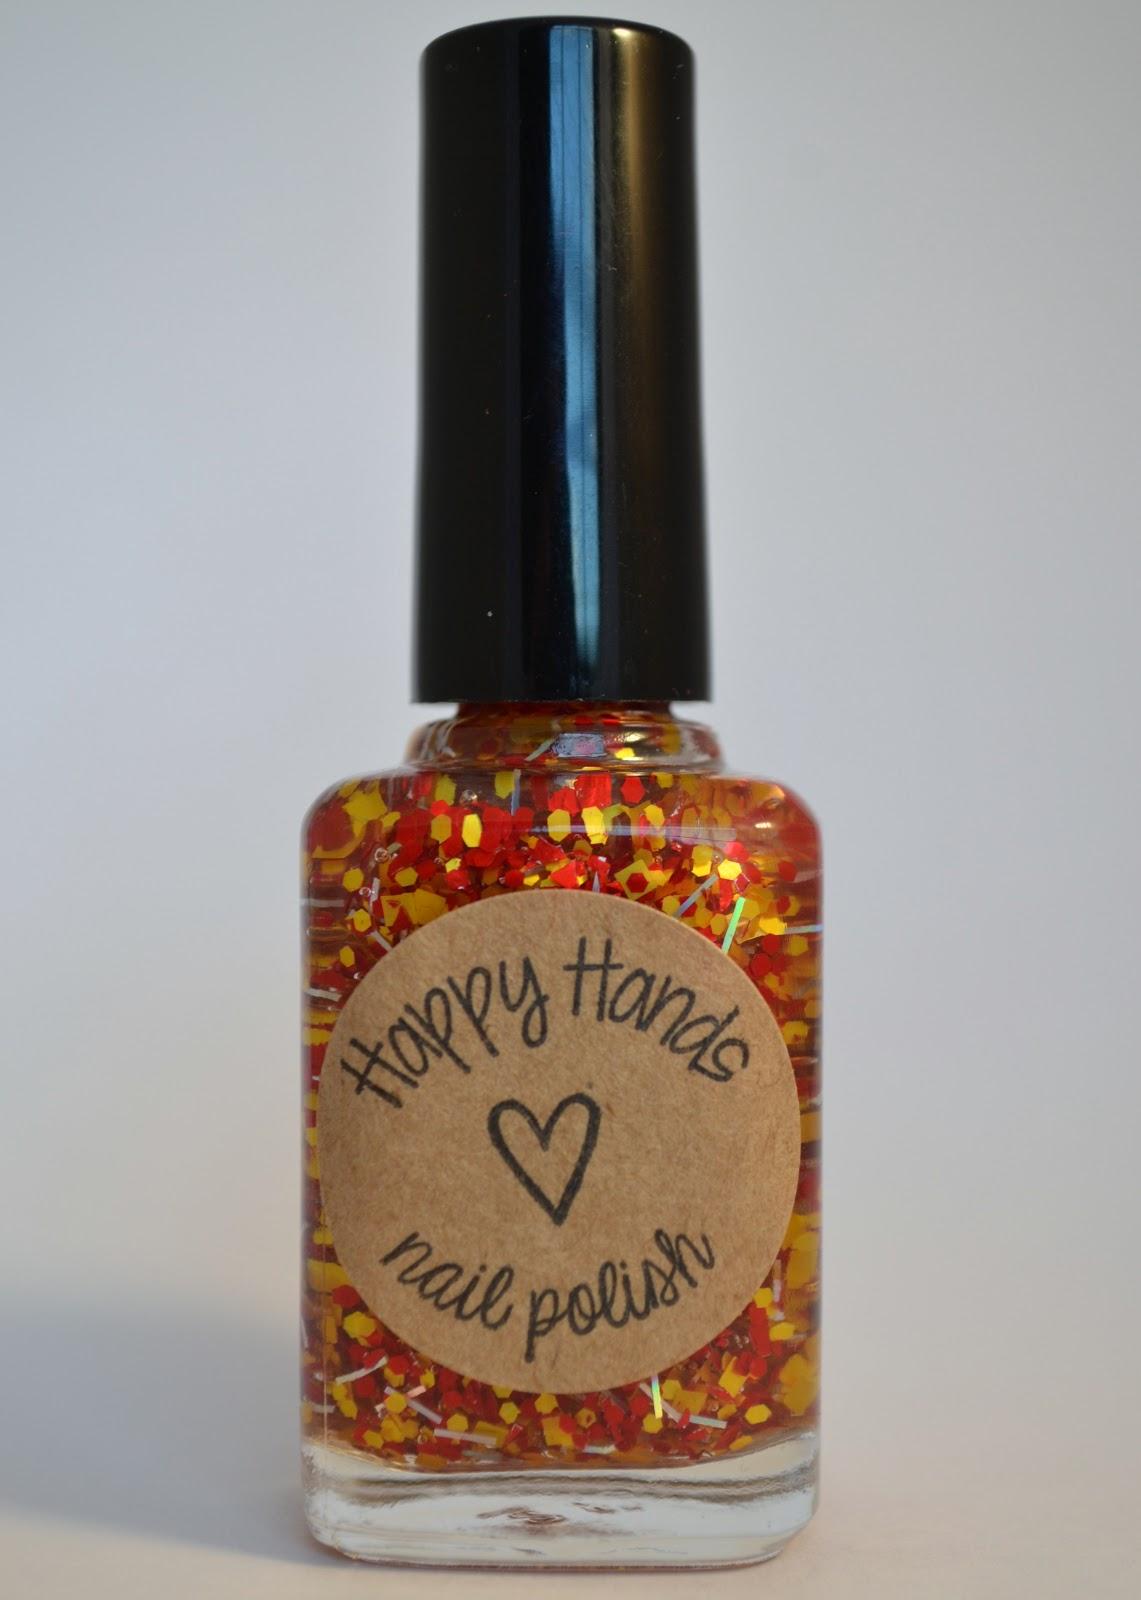 Hap Hap Happy Hands: October 2012